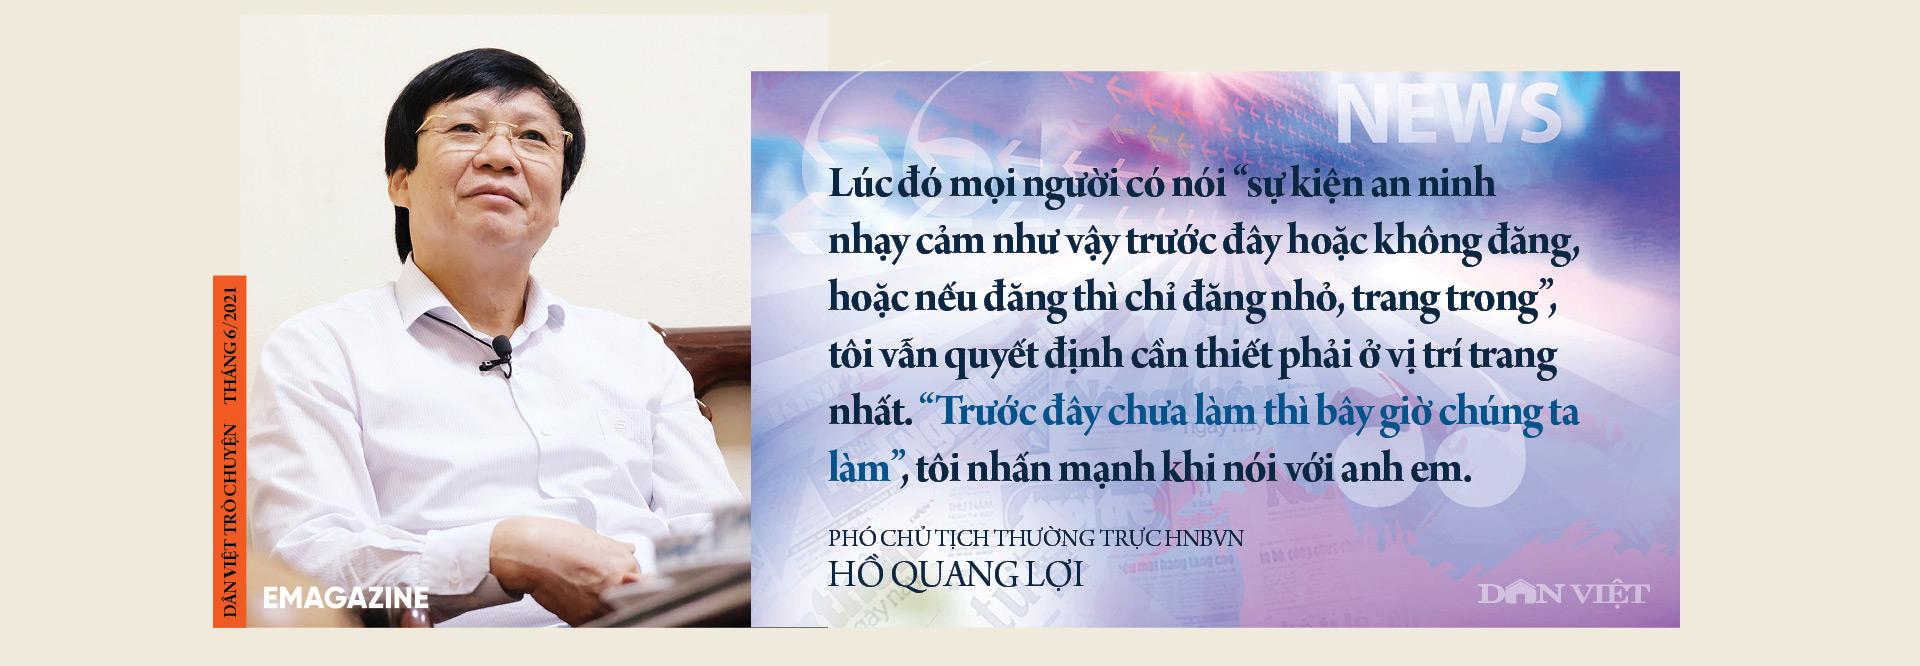 Nhà báo Hồ Quang Lợi: Dù công nghệ thay đổi ra sao, mấu chốt nghề báo vẫn là vì công lý và sự thật - Ảnh 9.